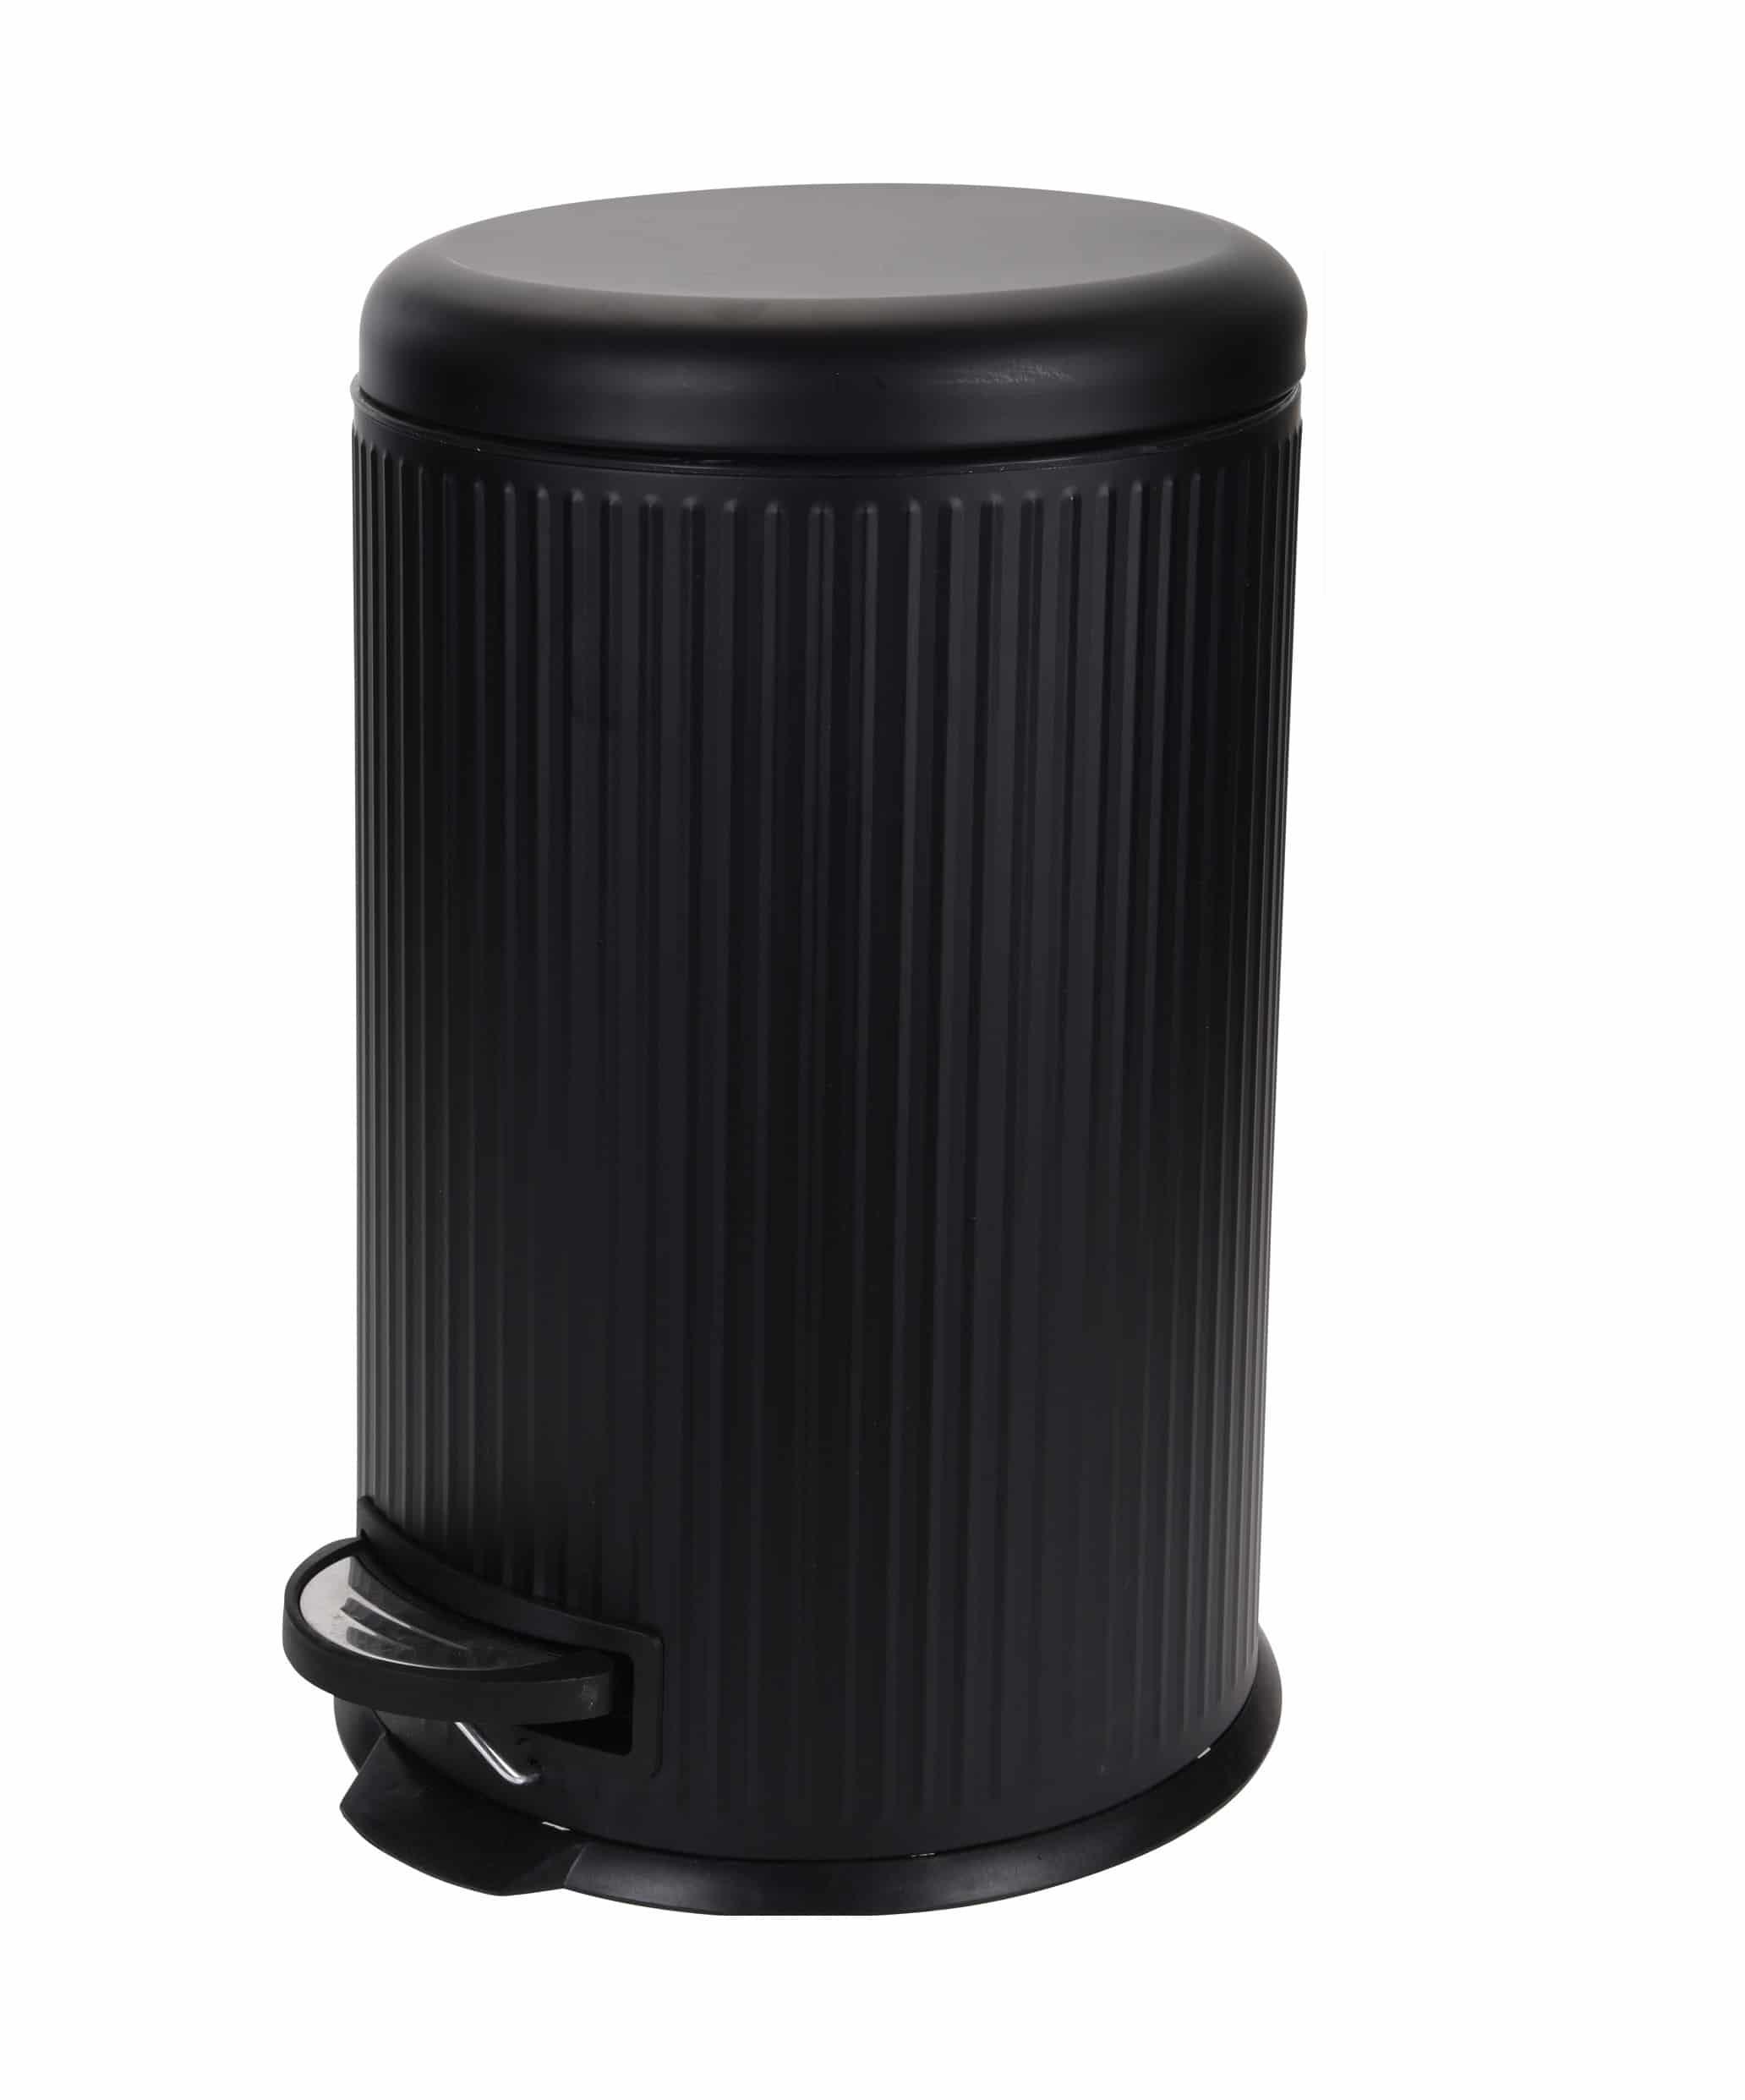 4Goodz Pedaalemmer 20 liter met uitneembare binnen emmer - Zwart